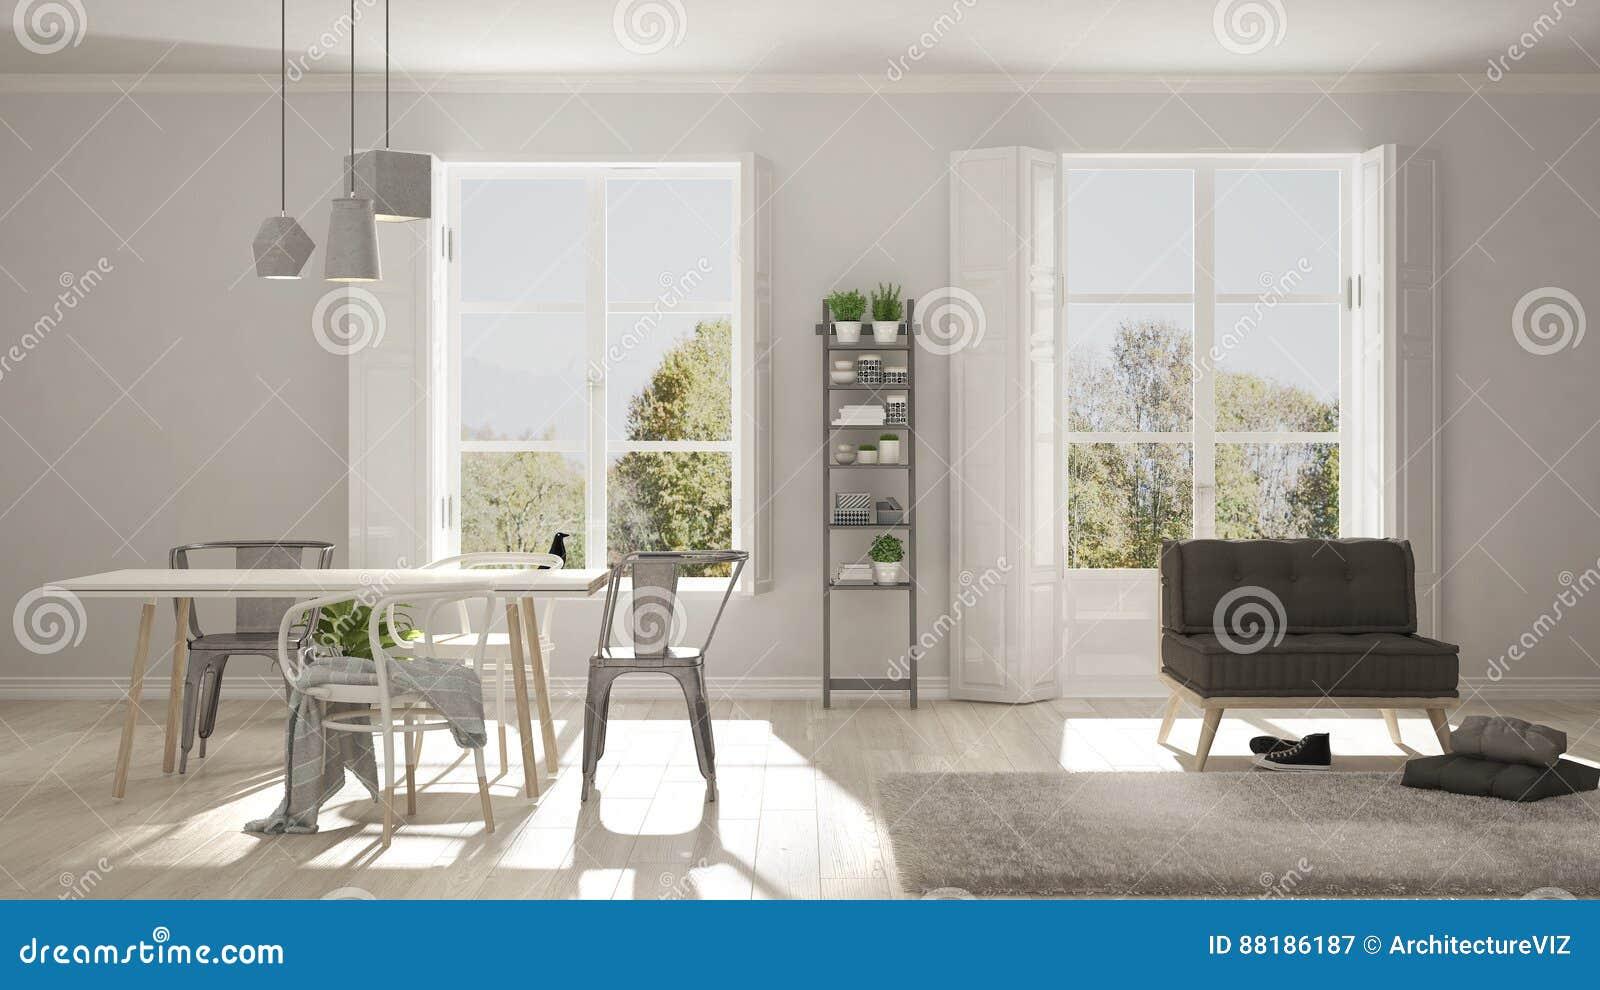 Skandinavisches Wohnzimmer   Skandinavisches Wohnzimmer Mit Grossen Fenstern Gartenpanorama Im Ba